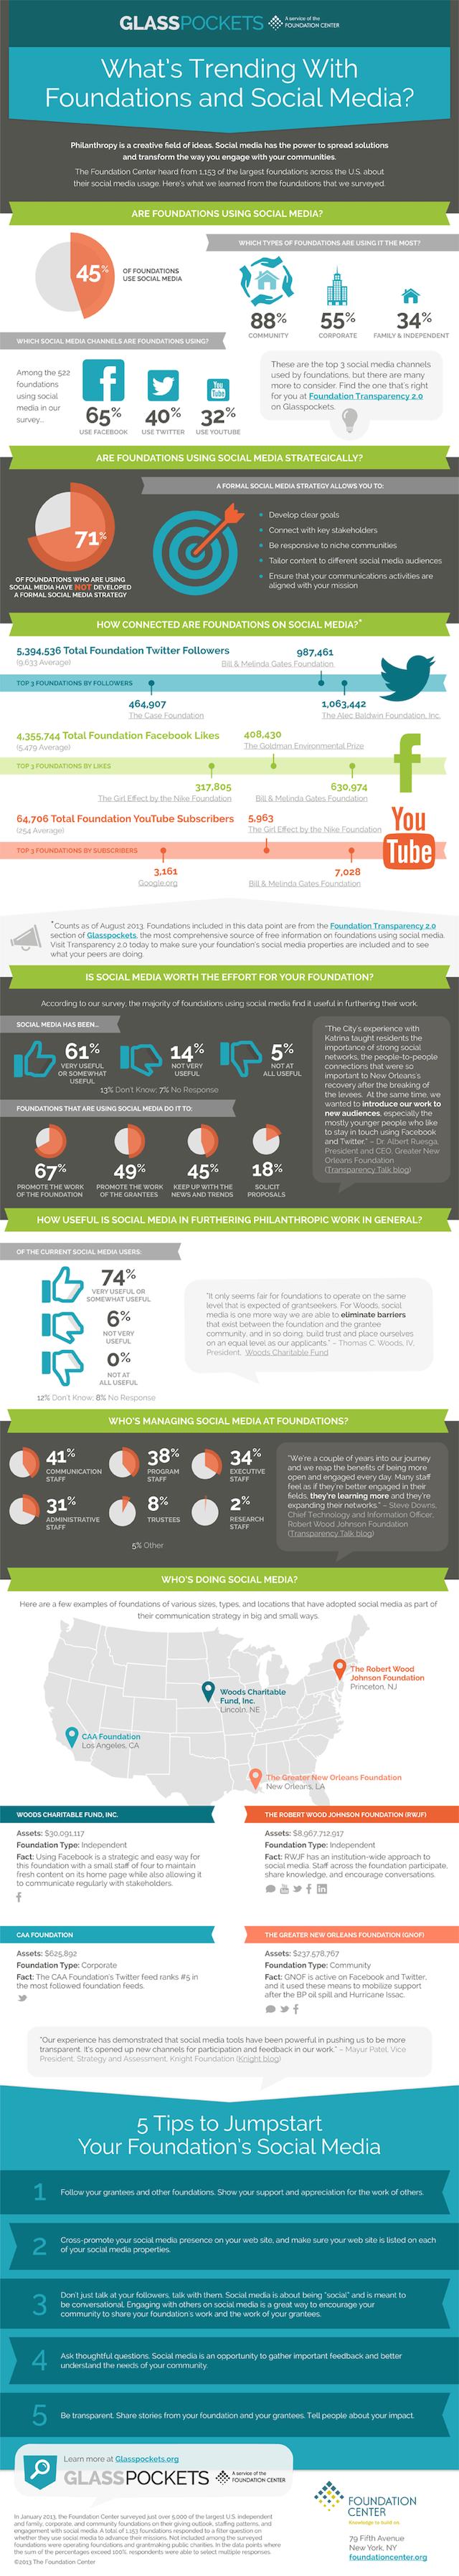 social-media-infographic-full